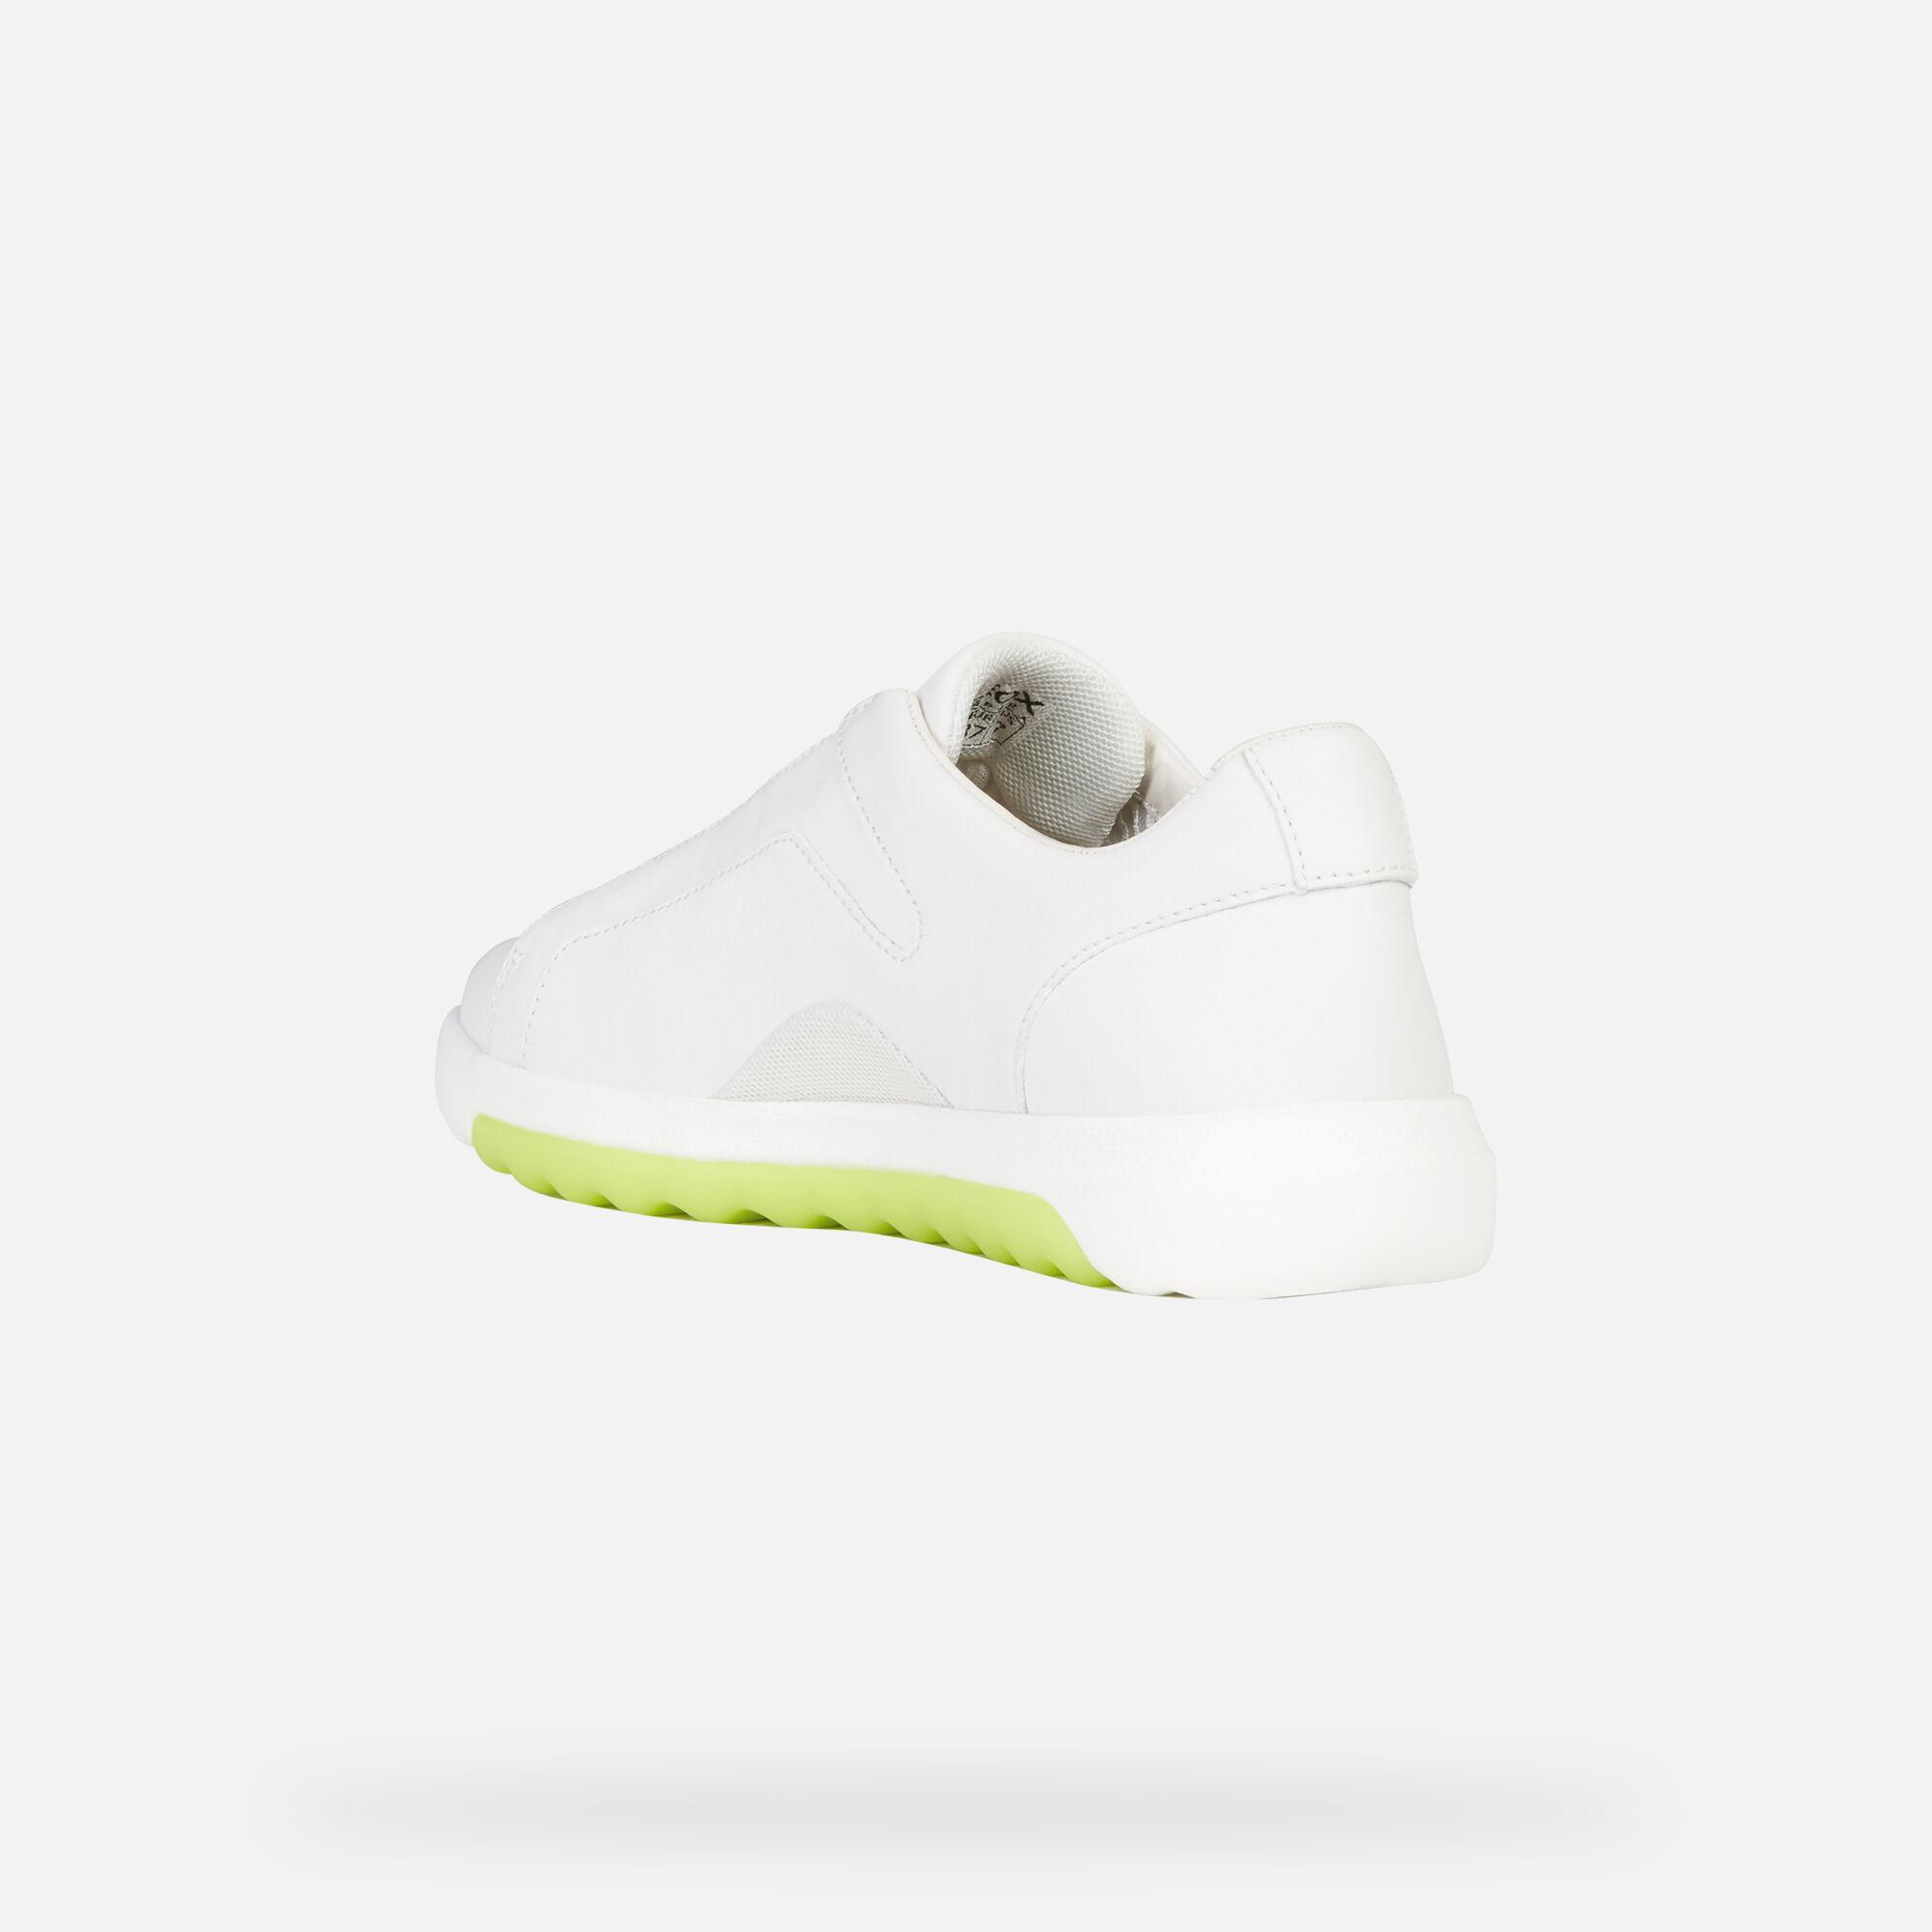 Geox Women's D NEXSIDE White Sneakers | Geox FW1920